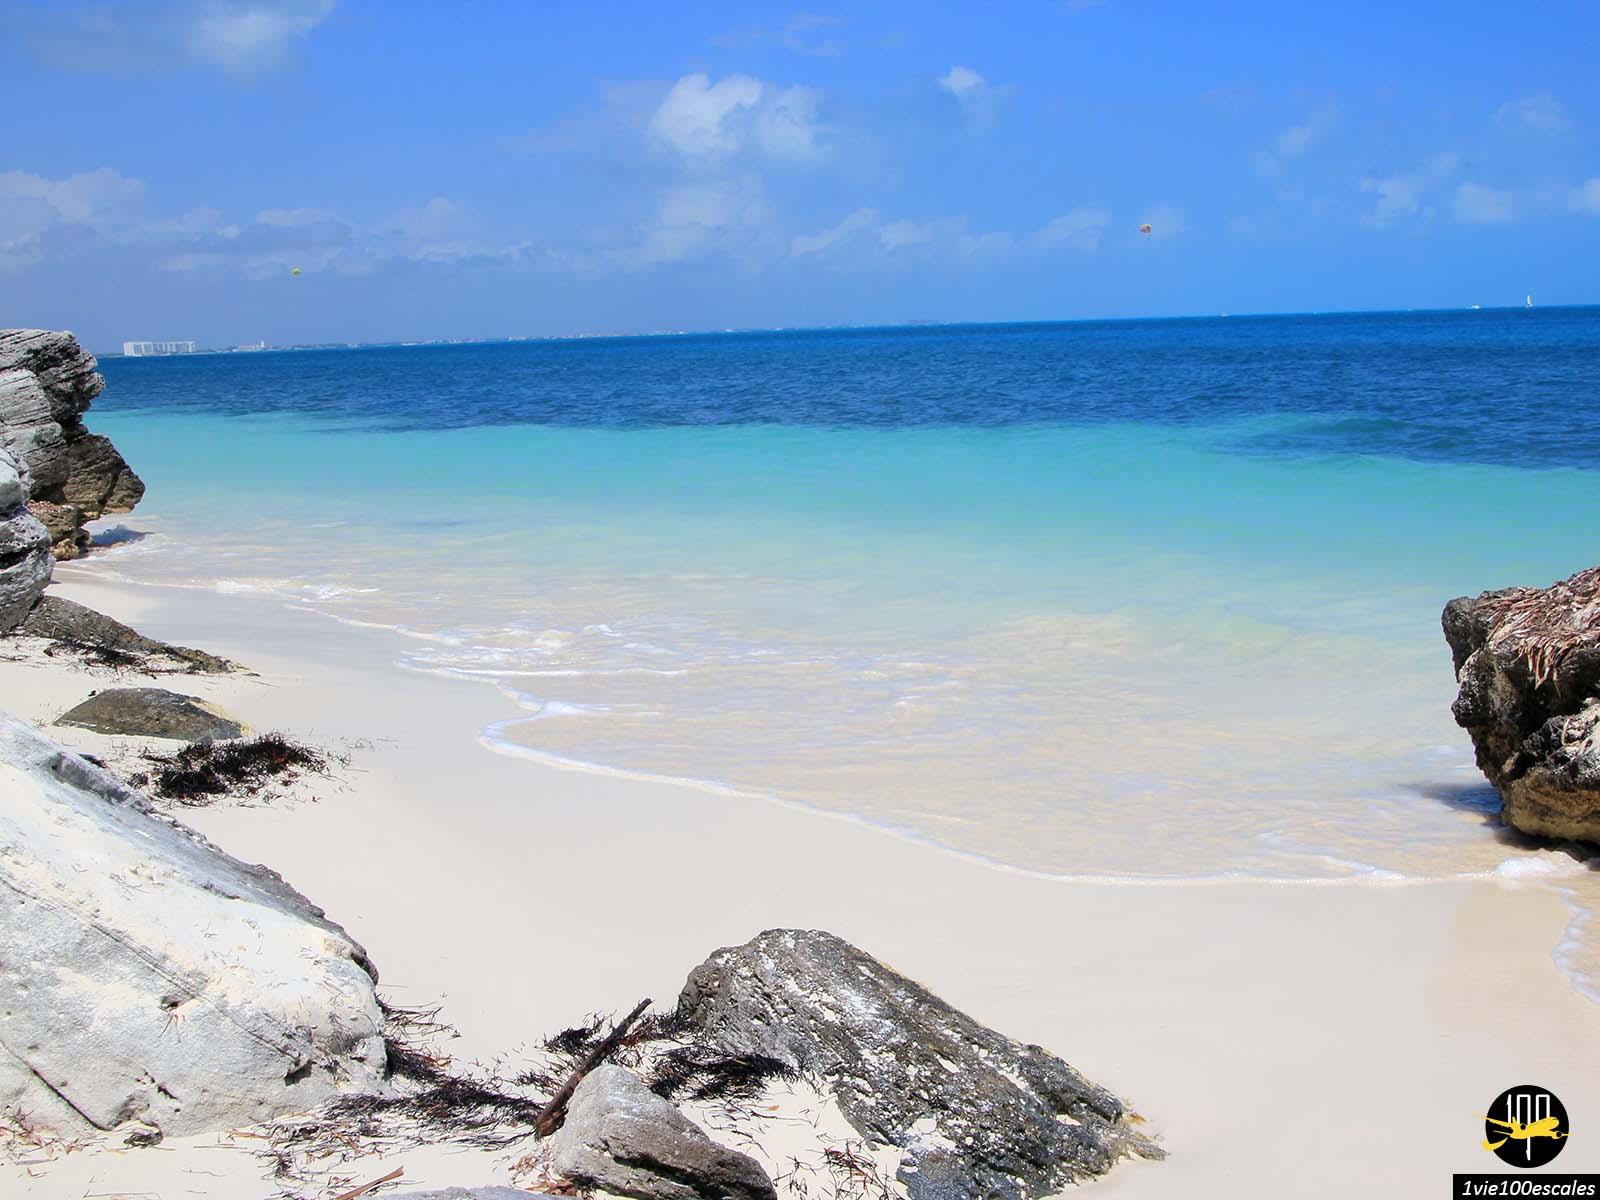 Escale #076 Cancun